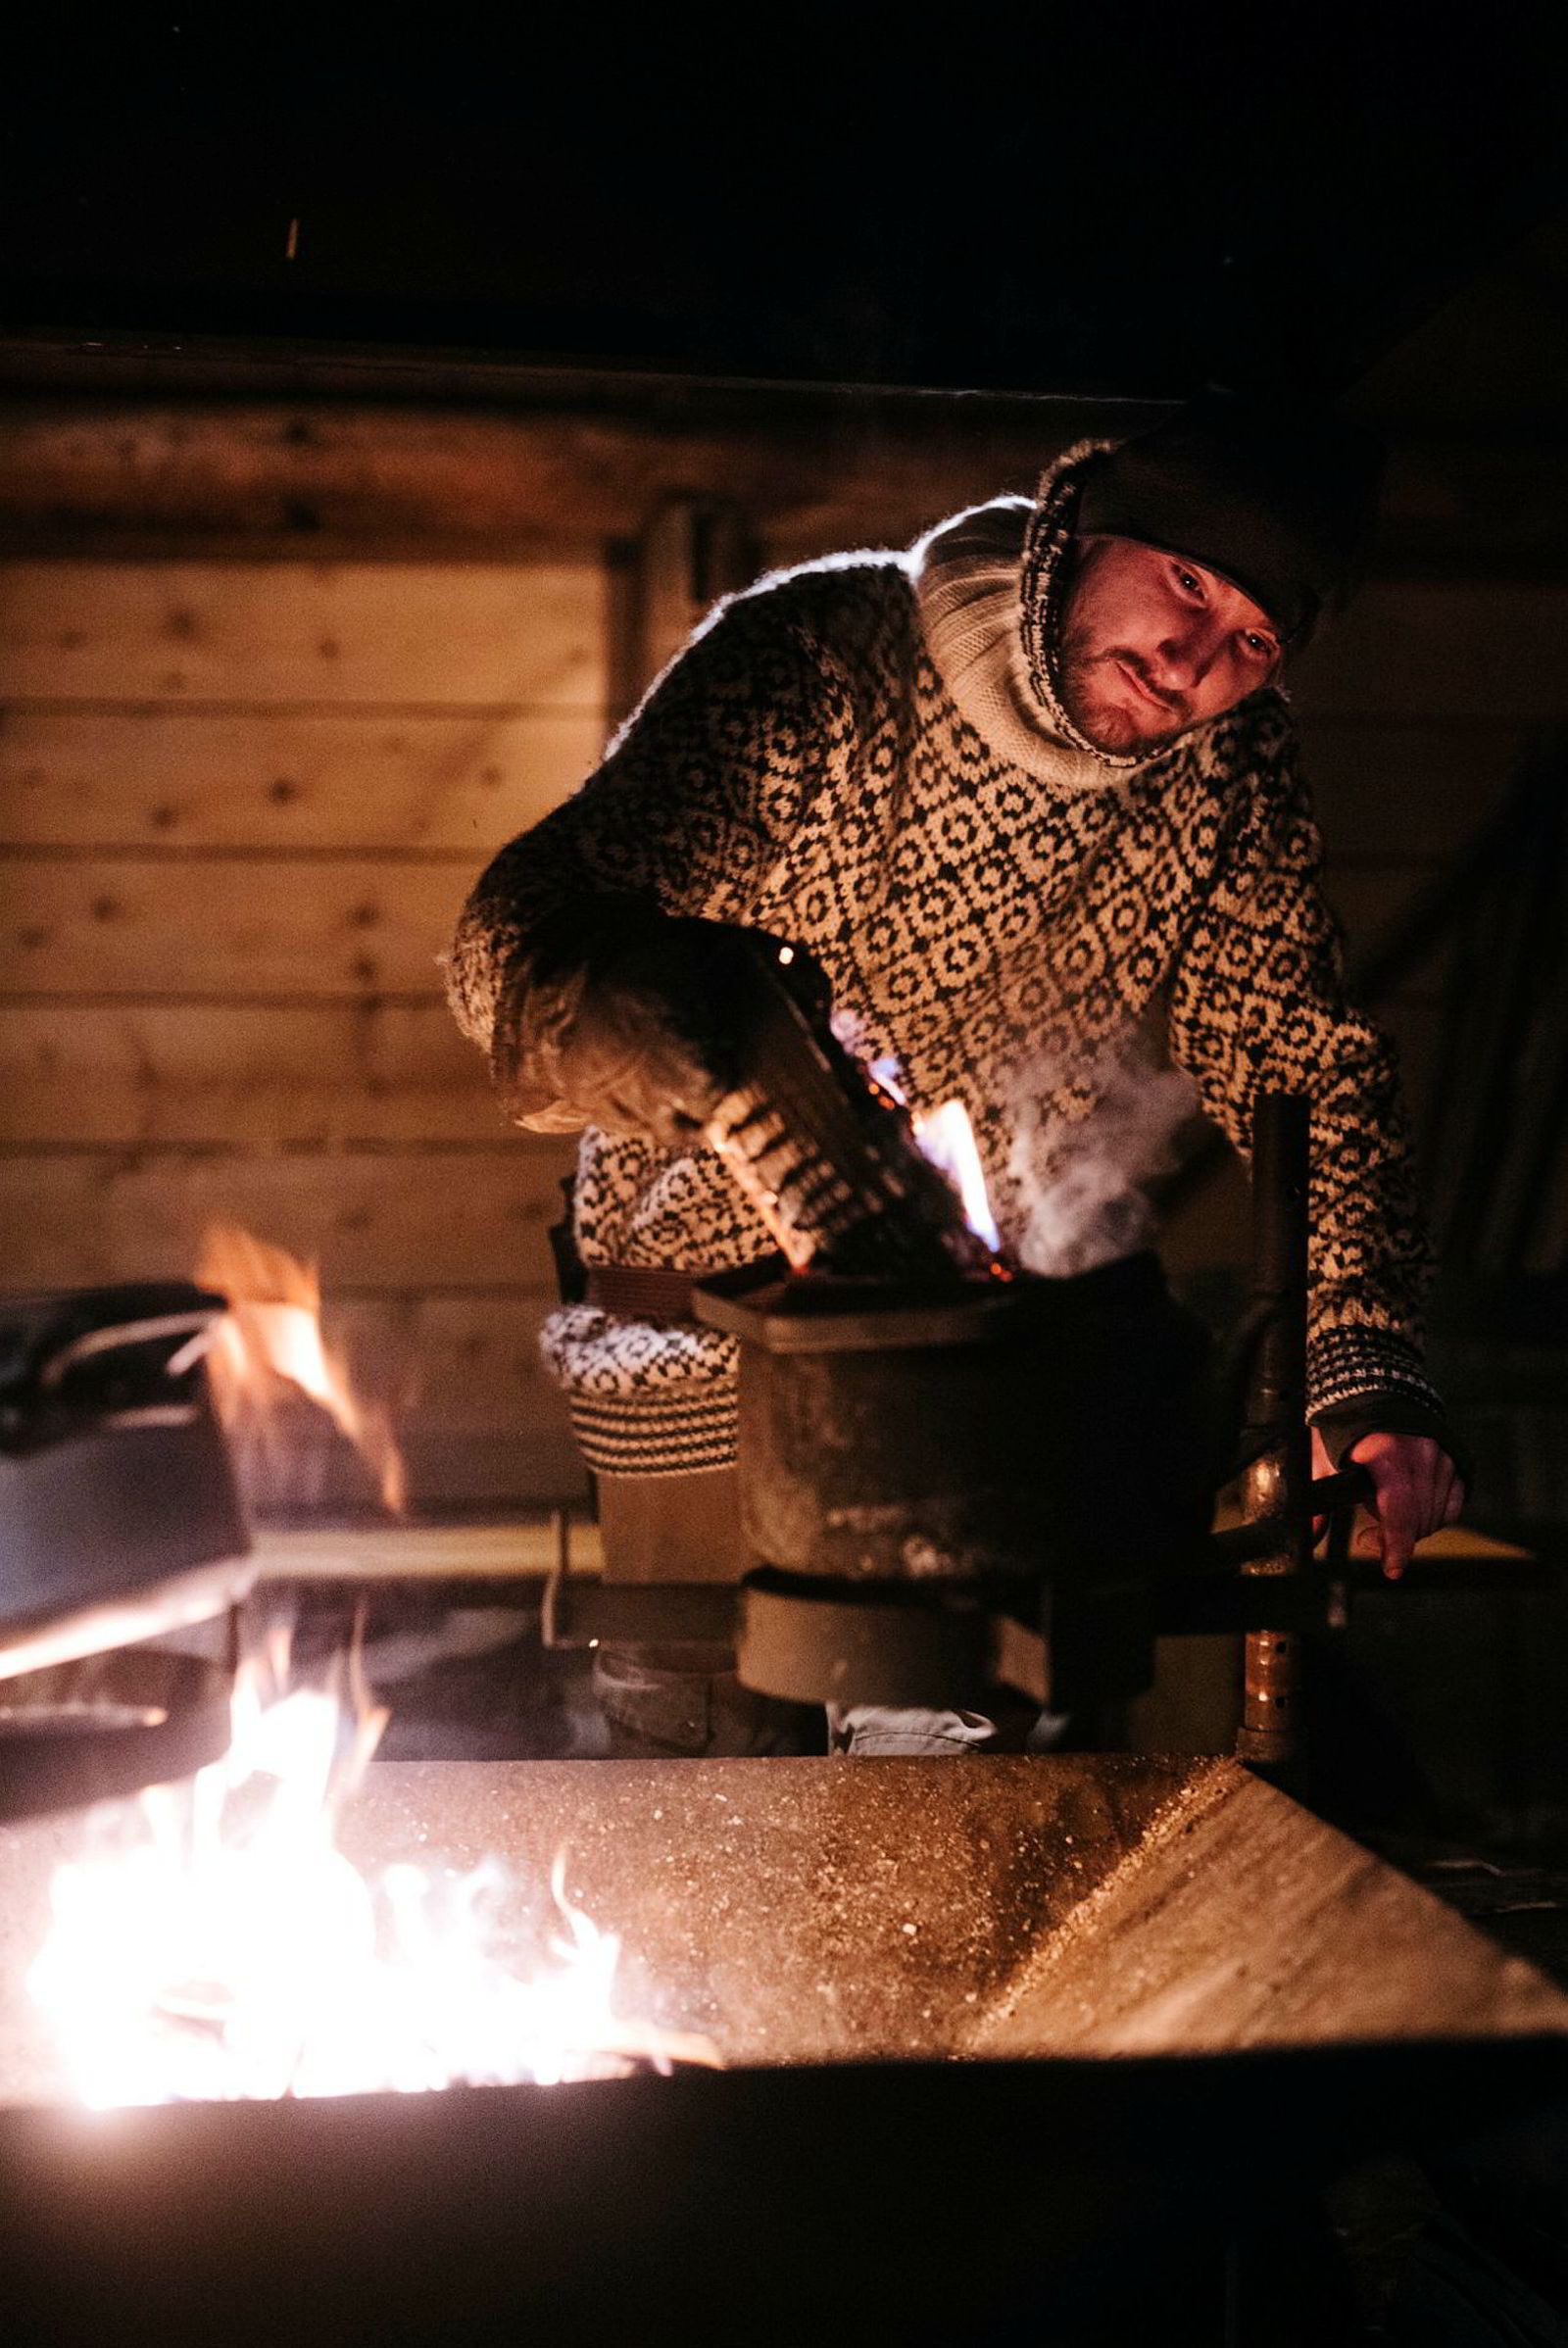 Guide og driftsleder ved Camp Barentz Alexander Hovland lager «Svalbardkaffe». Å røre med en glødende vedkubbe skal angivelig gi en interessant røyksmak.